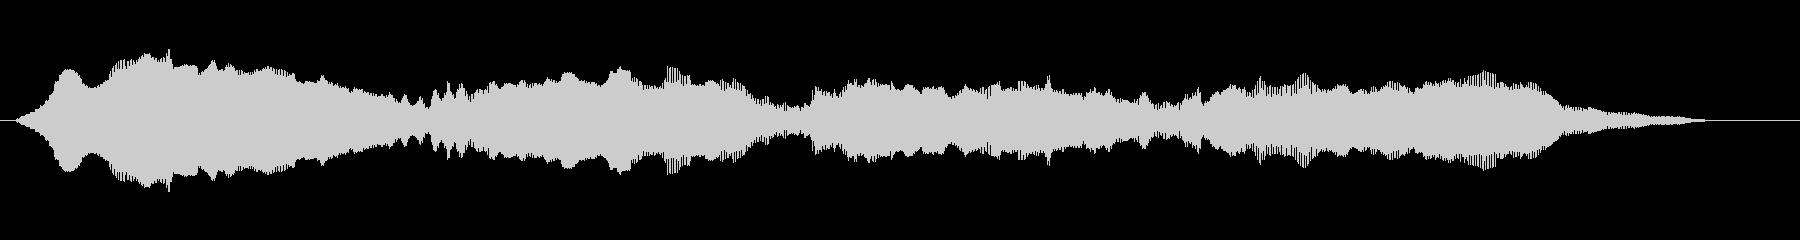 ゆっくり大きくなる不気味な音(長め)の未再生の波形